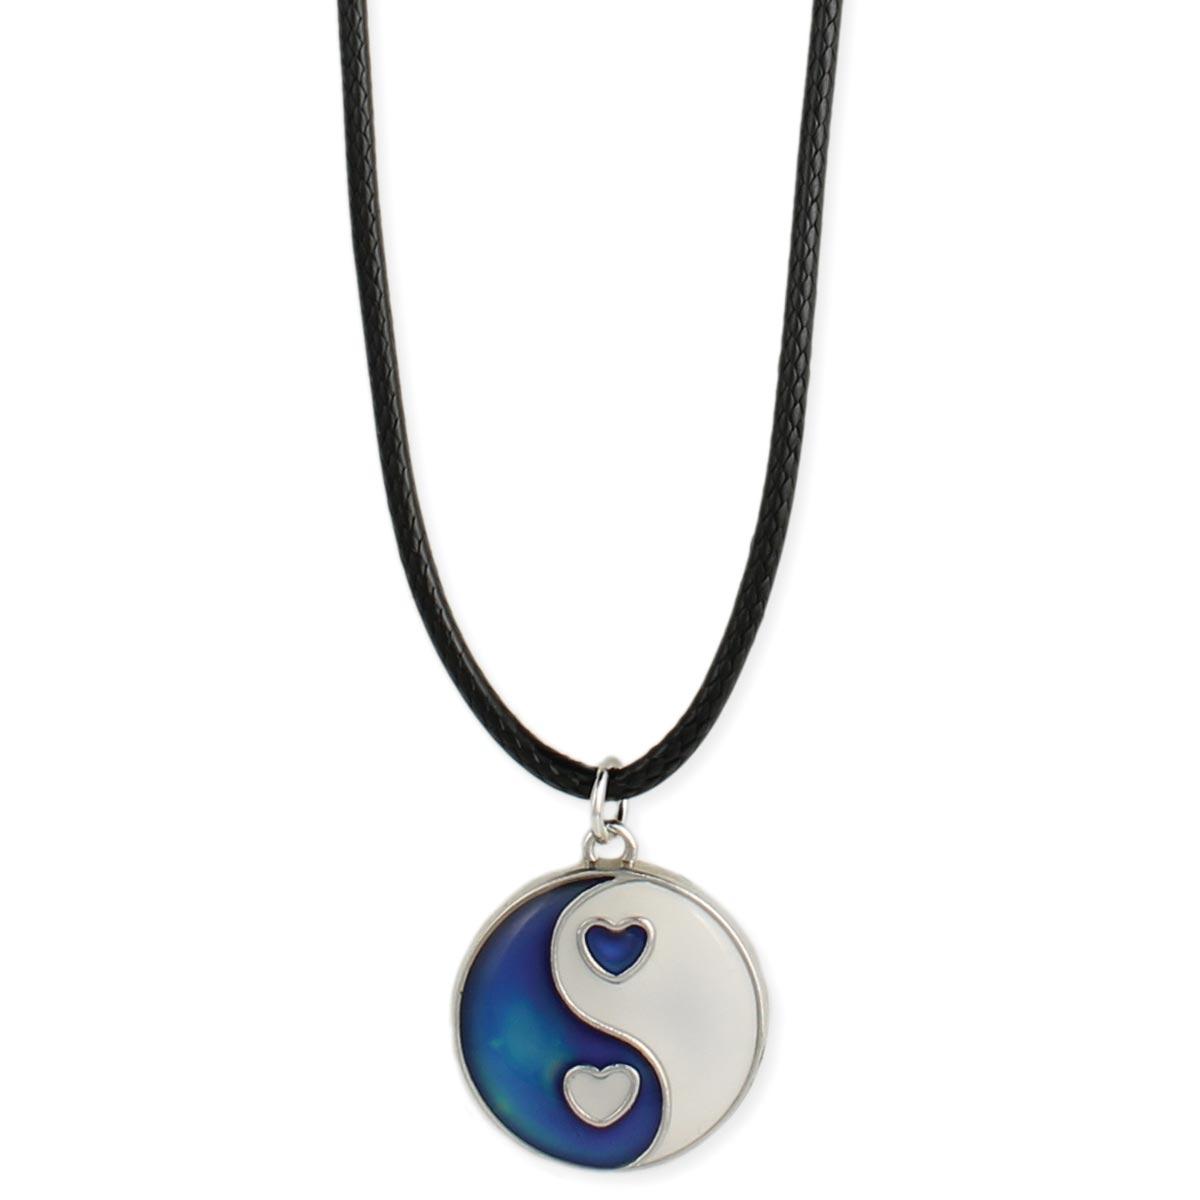 Zad jewelry yin yang mood pendant choker necklace black aloadofball Gallery